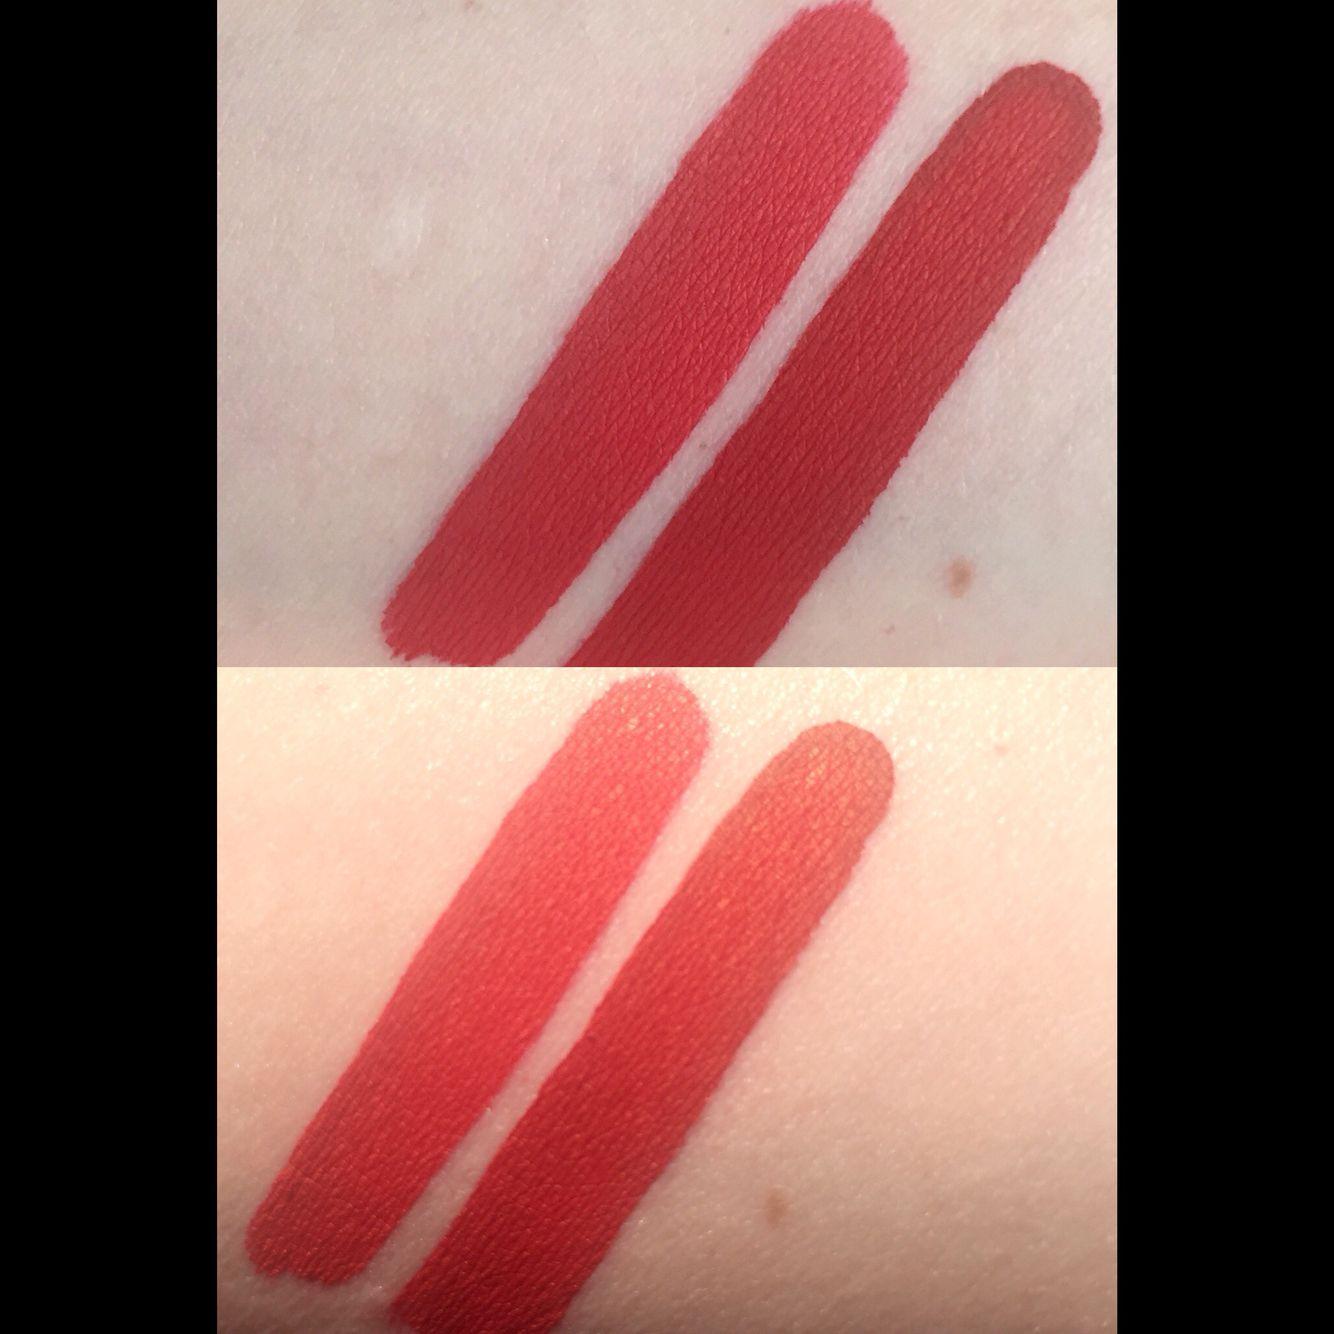 Kat Von D Everlasting Liquid Lipsticks in Santa Sangre (left ...